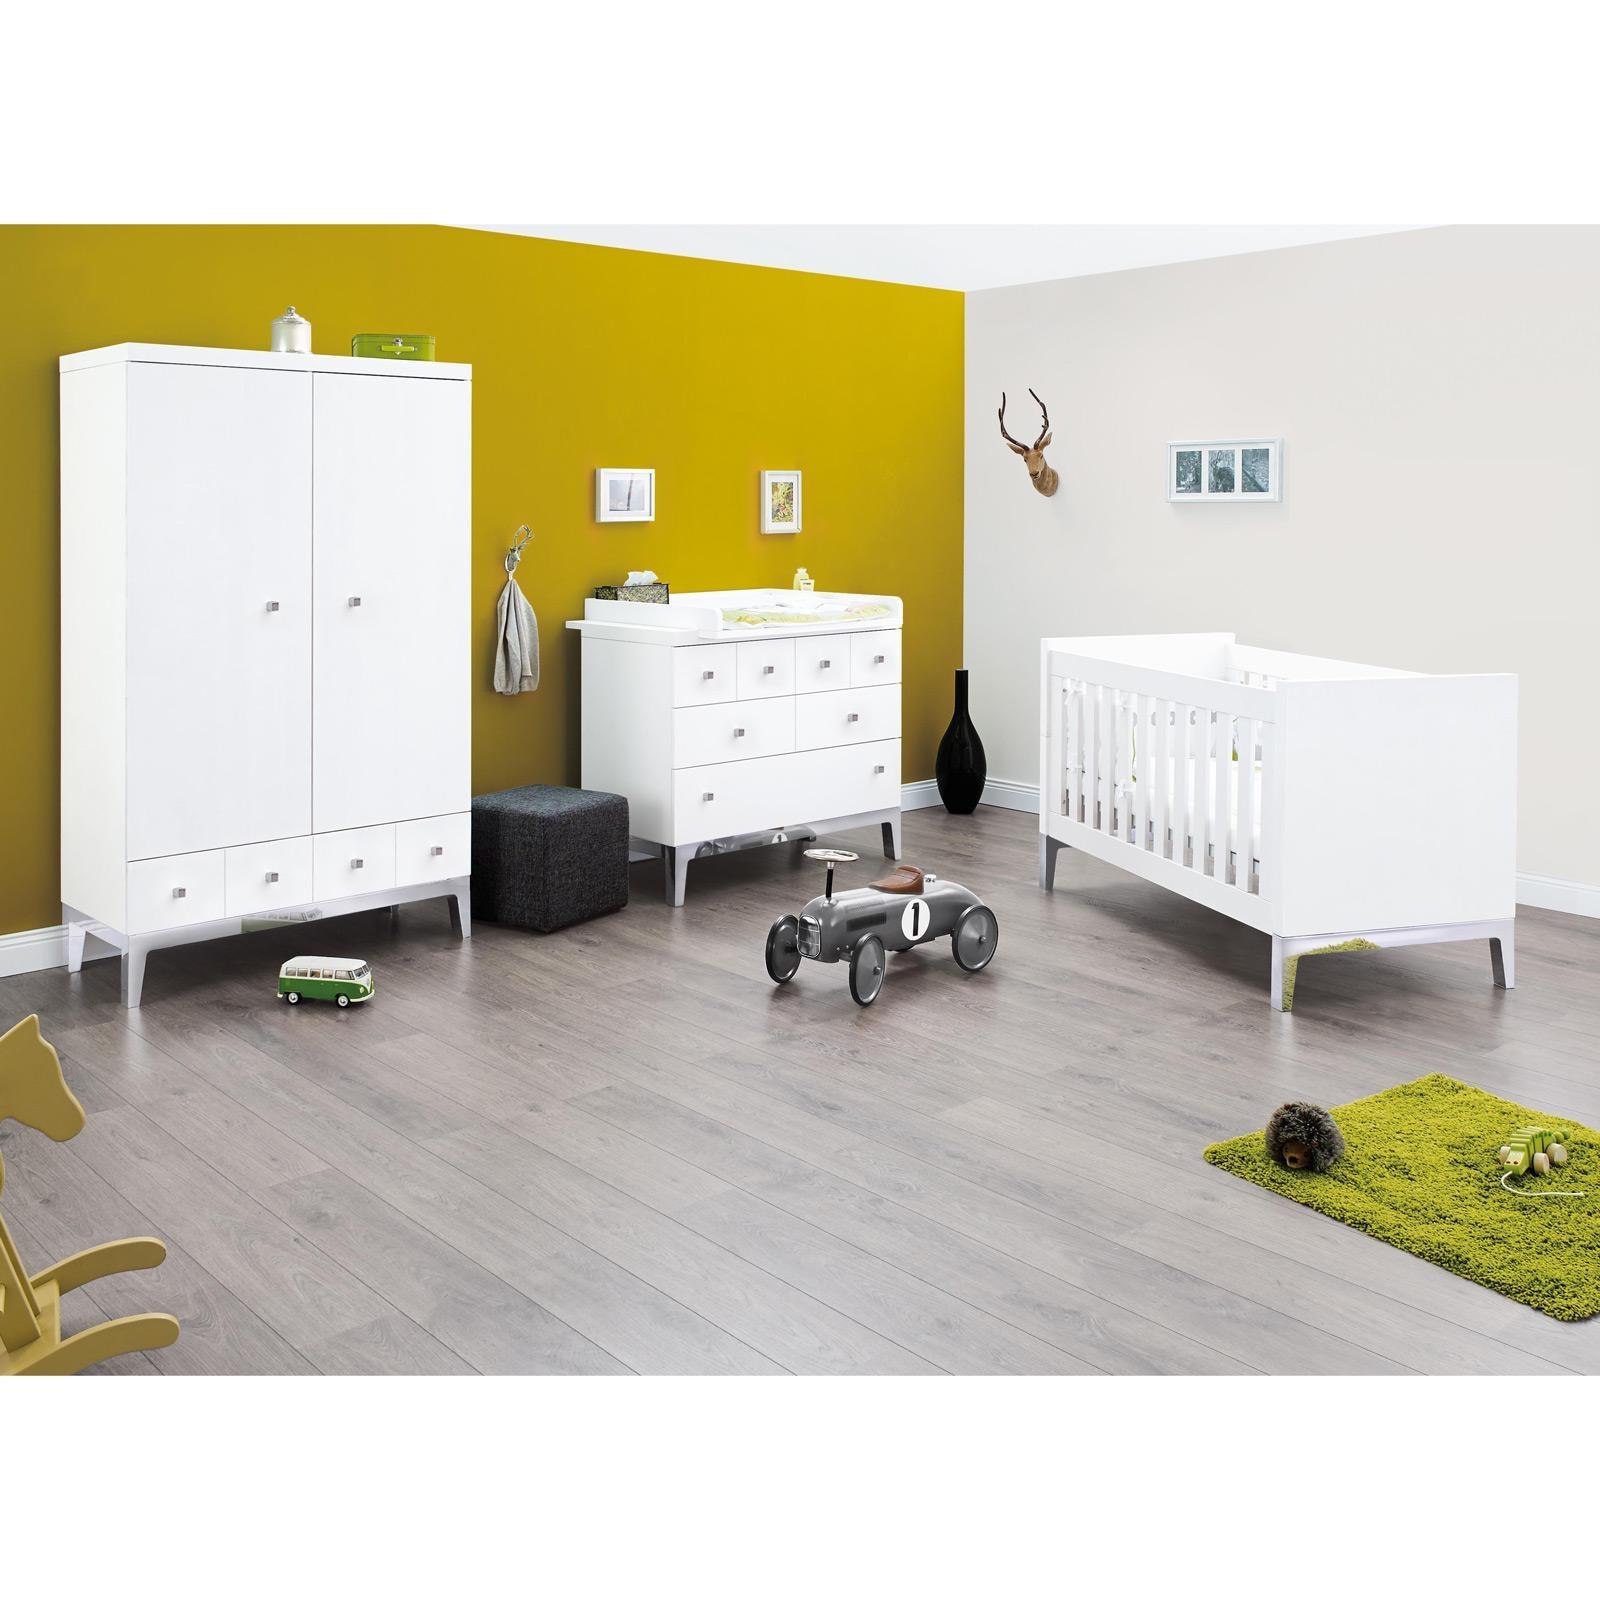 Chambre de laqu blanc vision for Achat chambre enfant